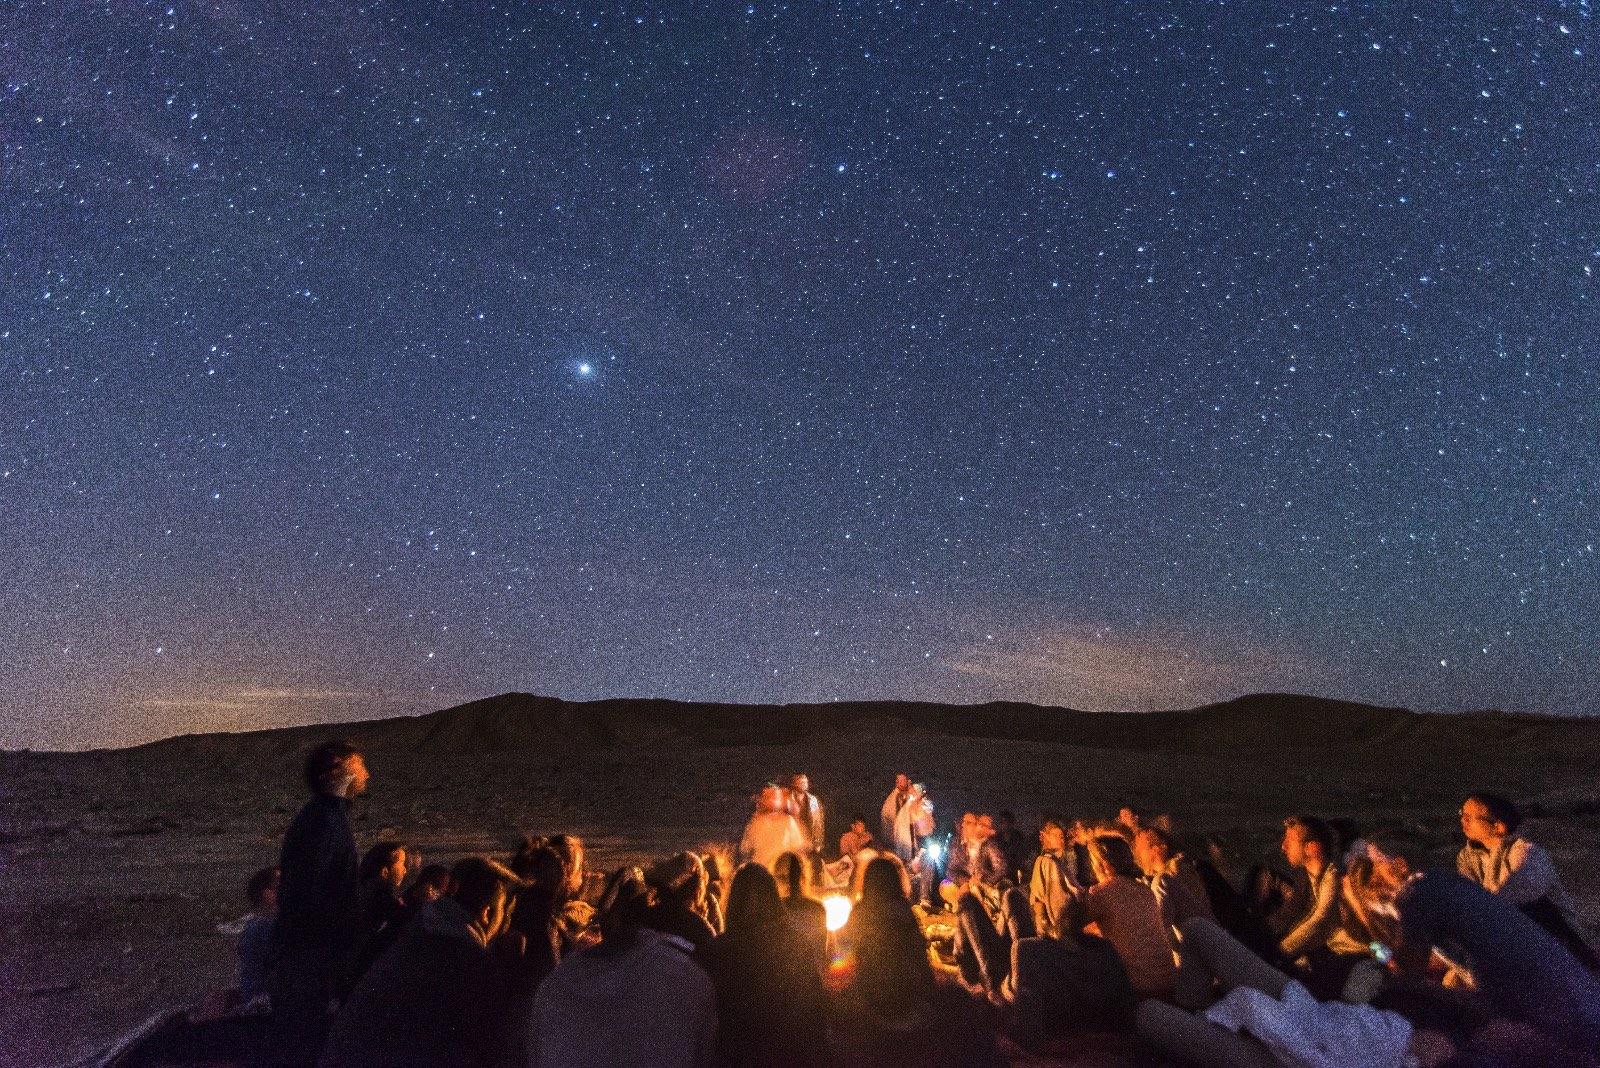 תצפית כוכבים לקבוצות במצפה רמון